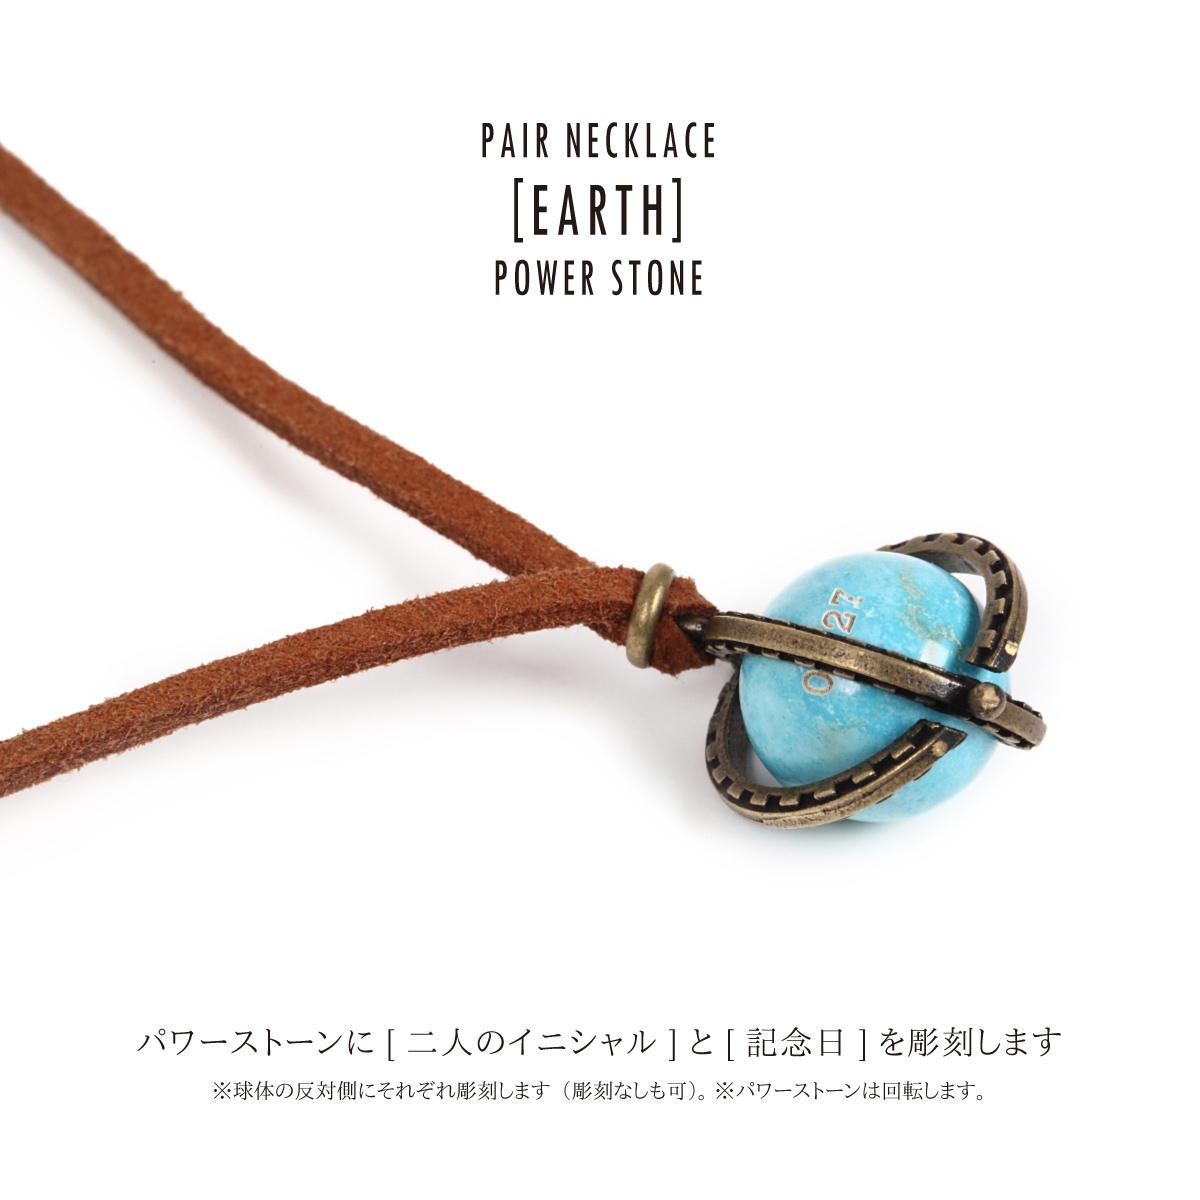 Lauss ペア ネックレス パワーストーンとフェイクレザーのペアネックレス [アース] 地球儀 イニシャル・記念日彫刻 opp00048 (長方形パッケージ)conpact